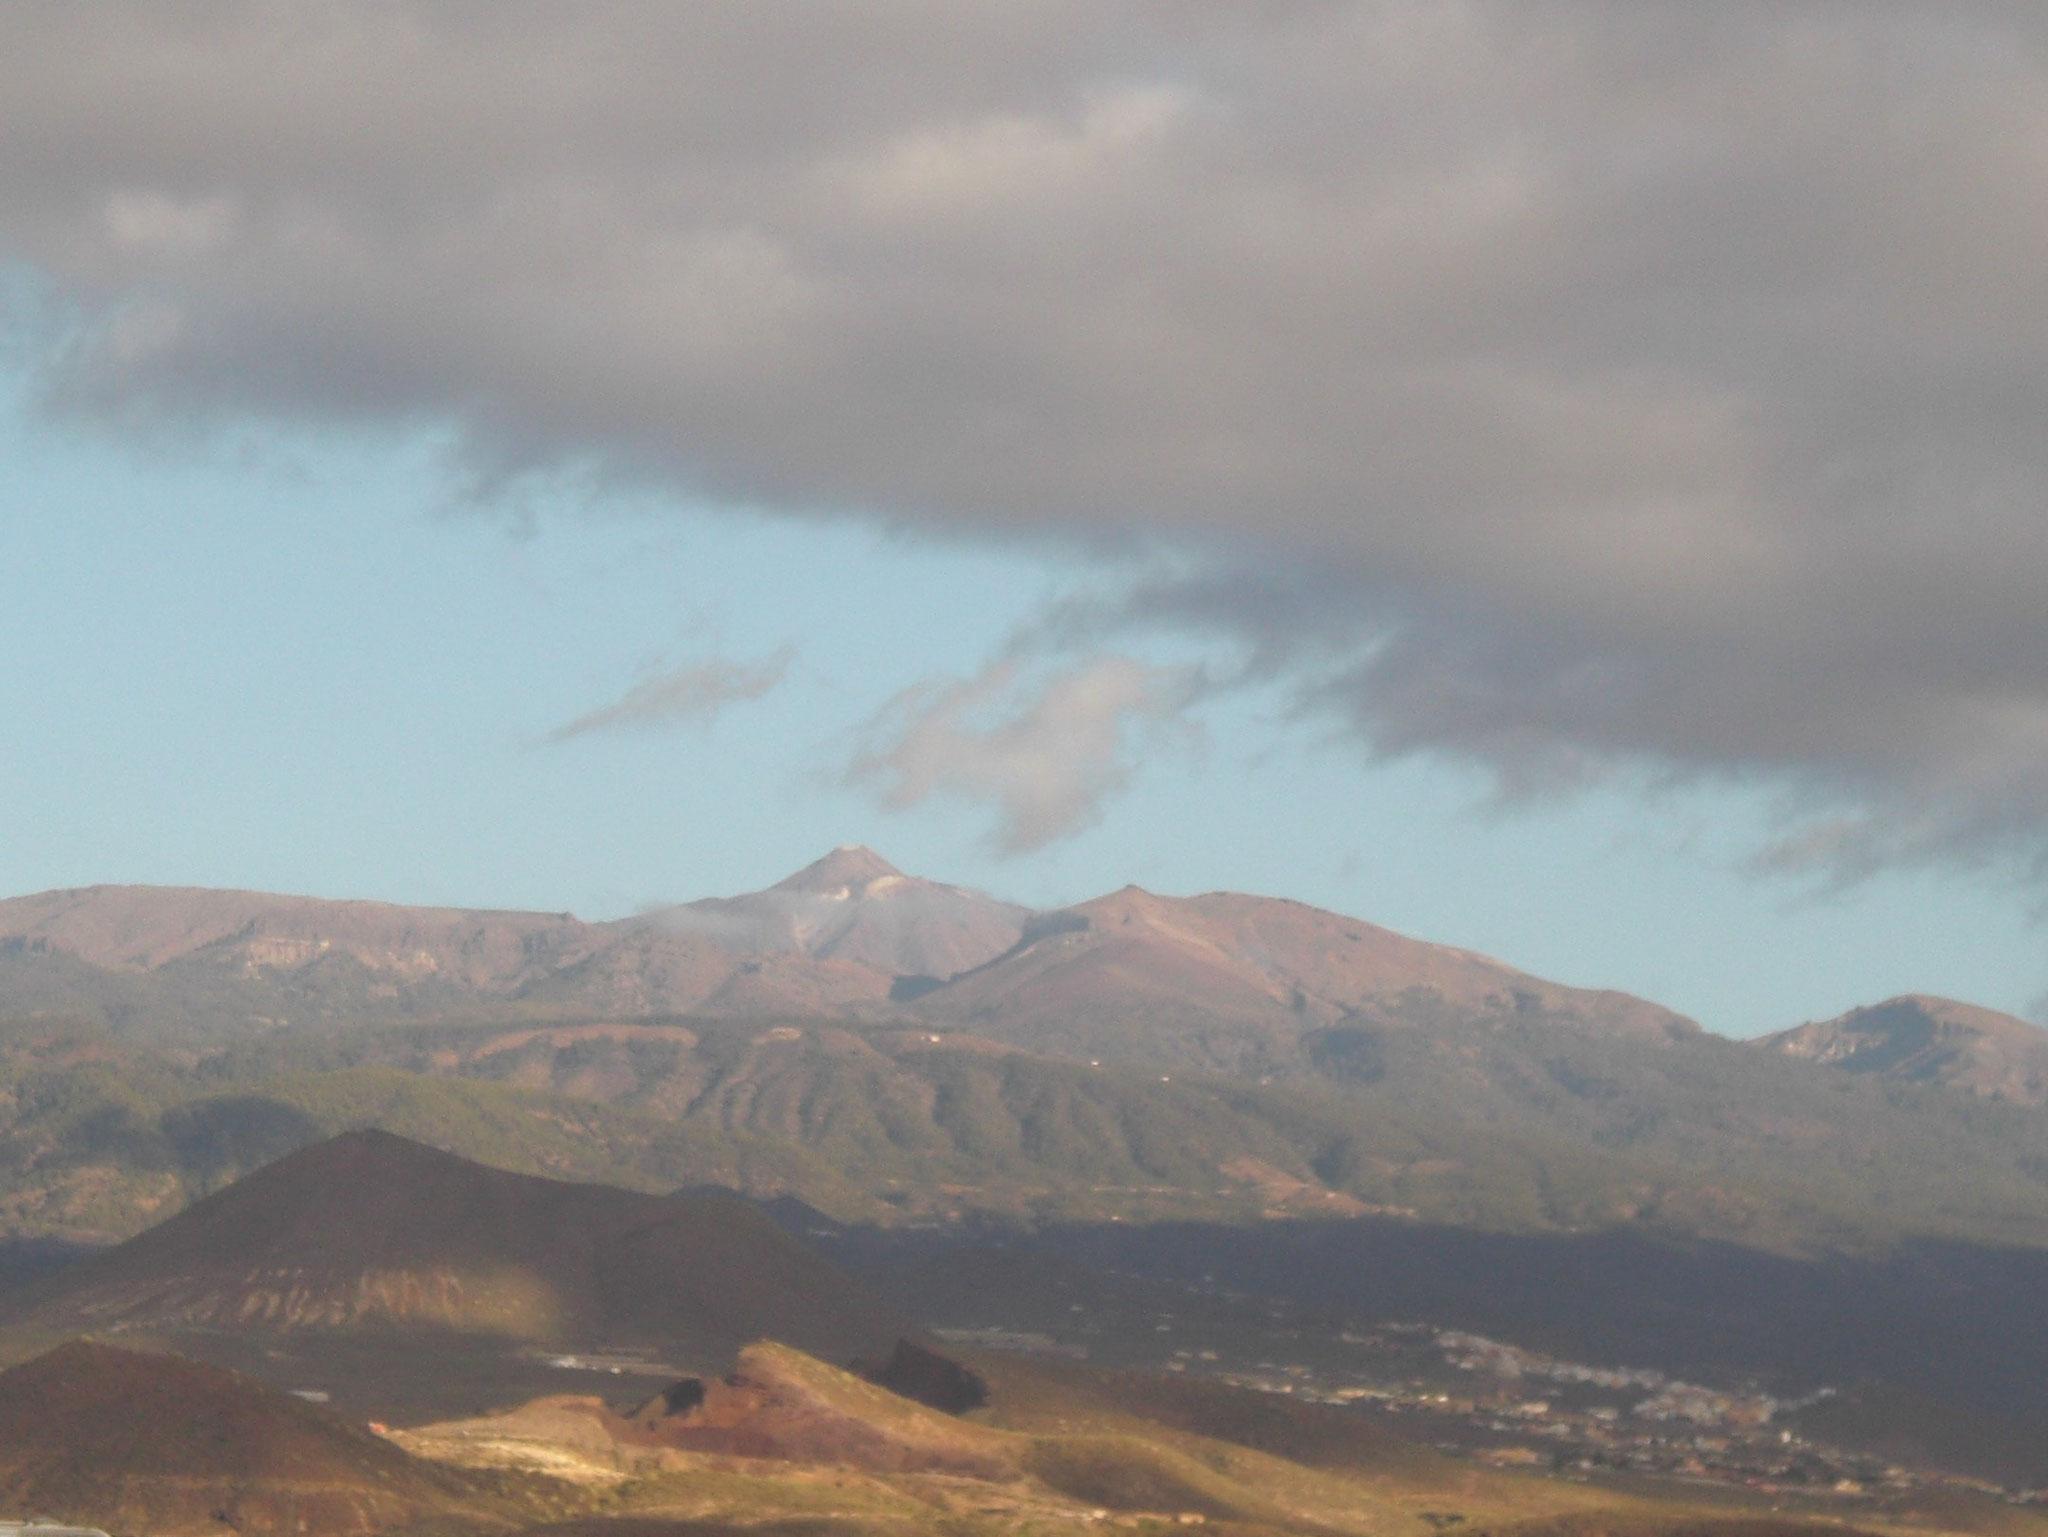 von der ganzen Insel aus sieht man den Teide, den höchsten Berg Spaniens (zeitweise schneebedeckt)